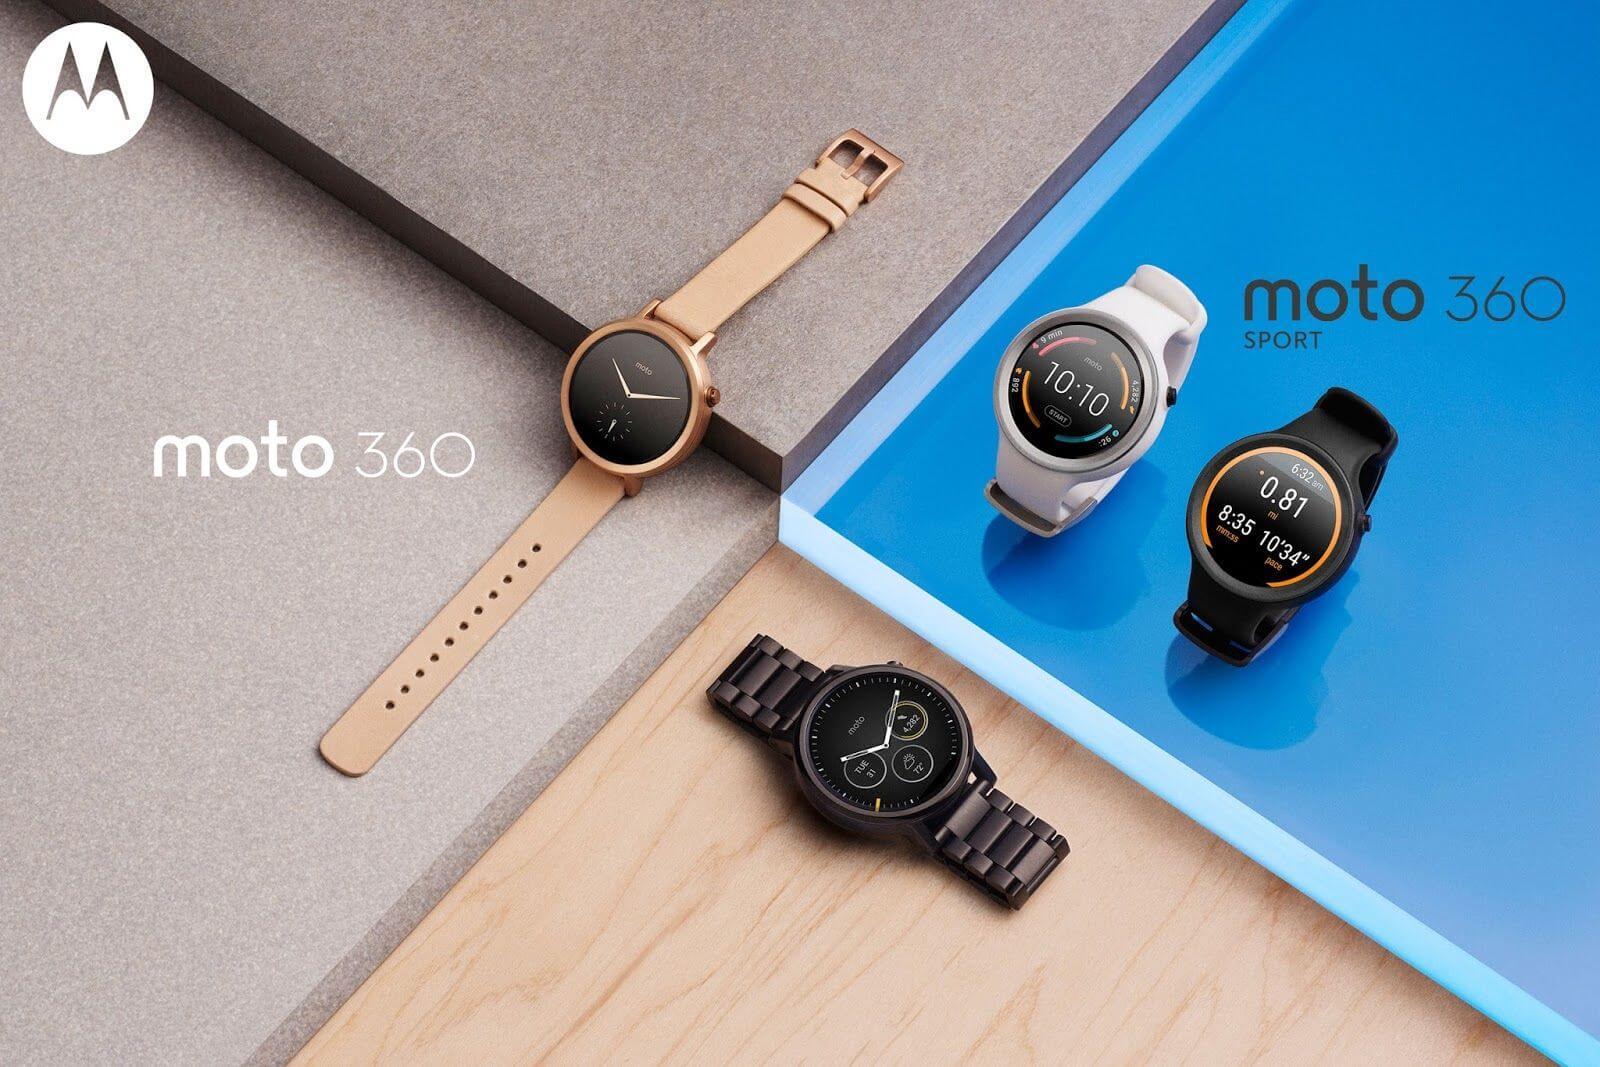 moto360 capa - Conheça os novos Moto 360 e Moto 360 Sport